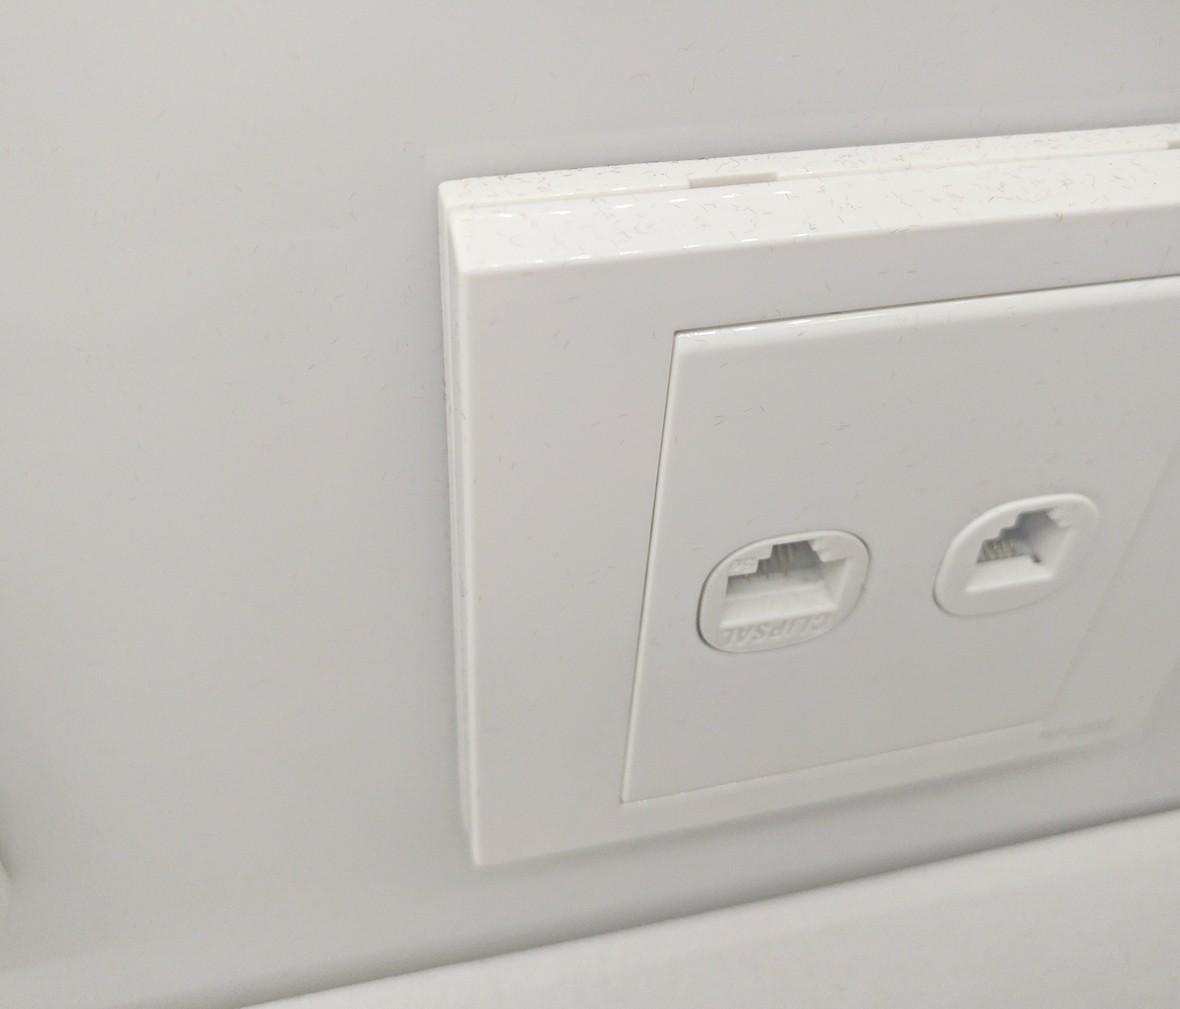 施耐德 如意系列 电脑电话插座 PC材质 耐高温 防漏电 安全插座 细节